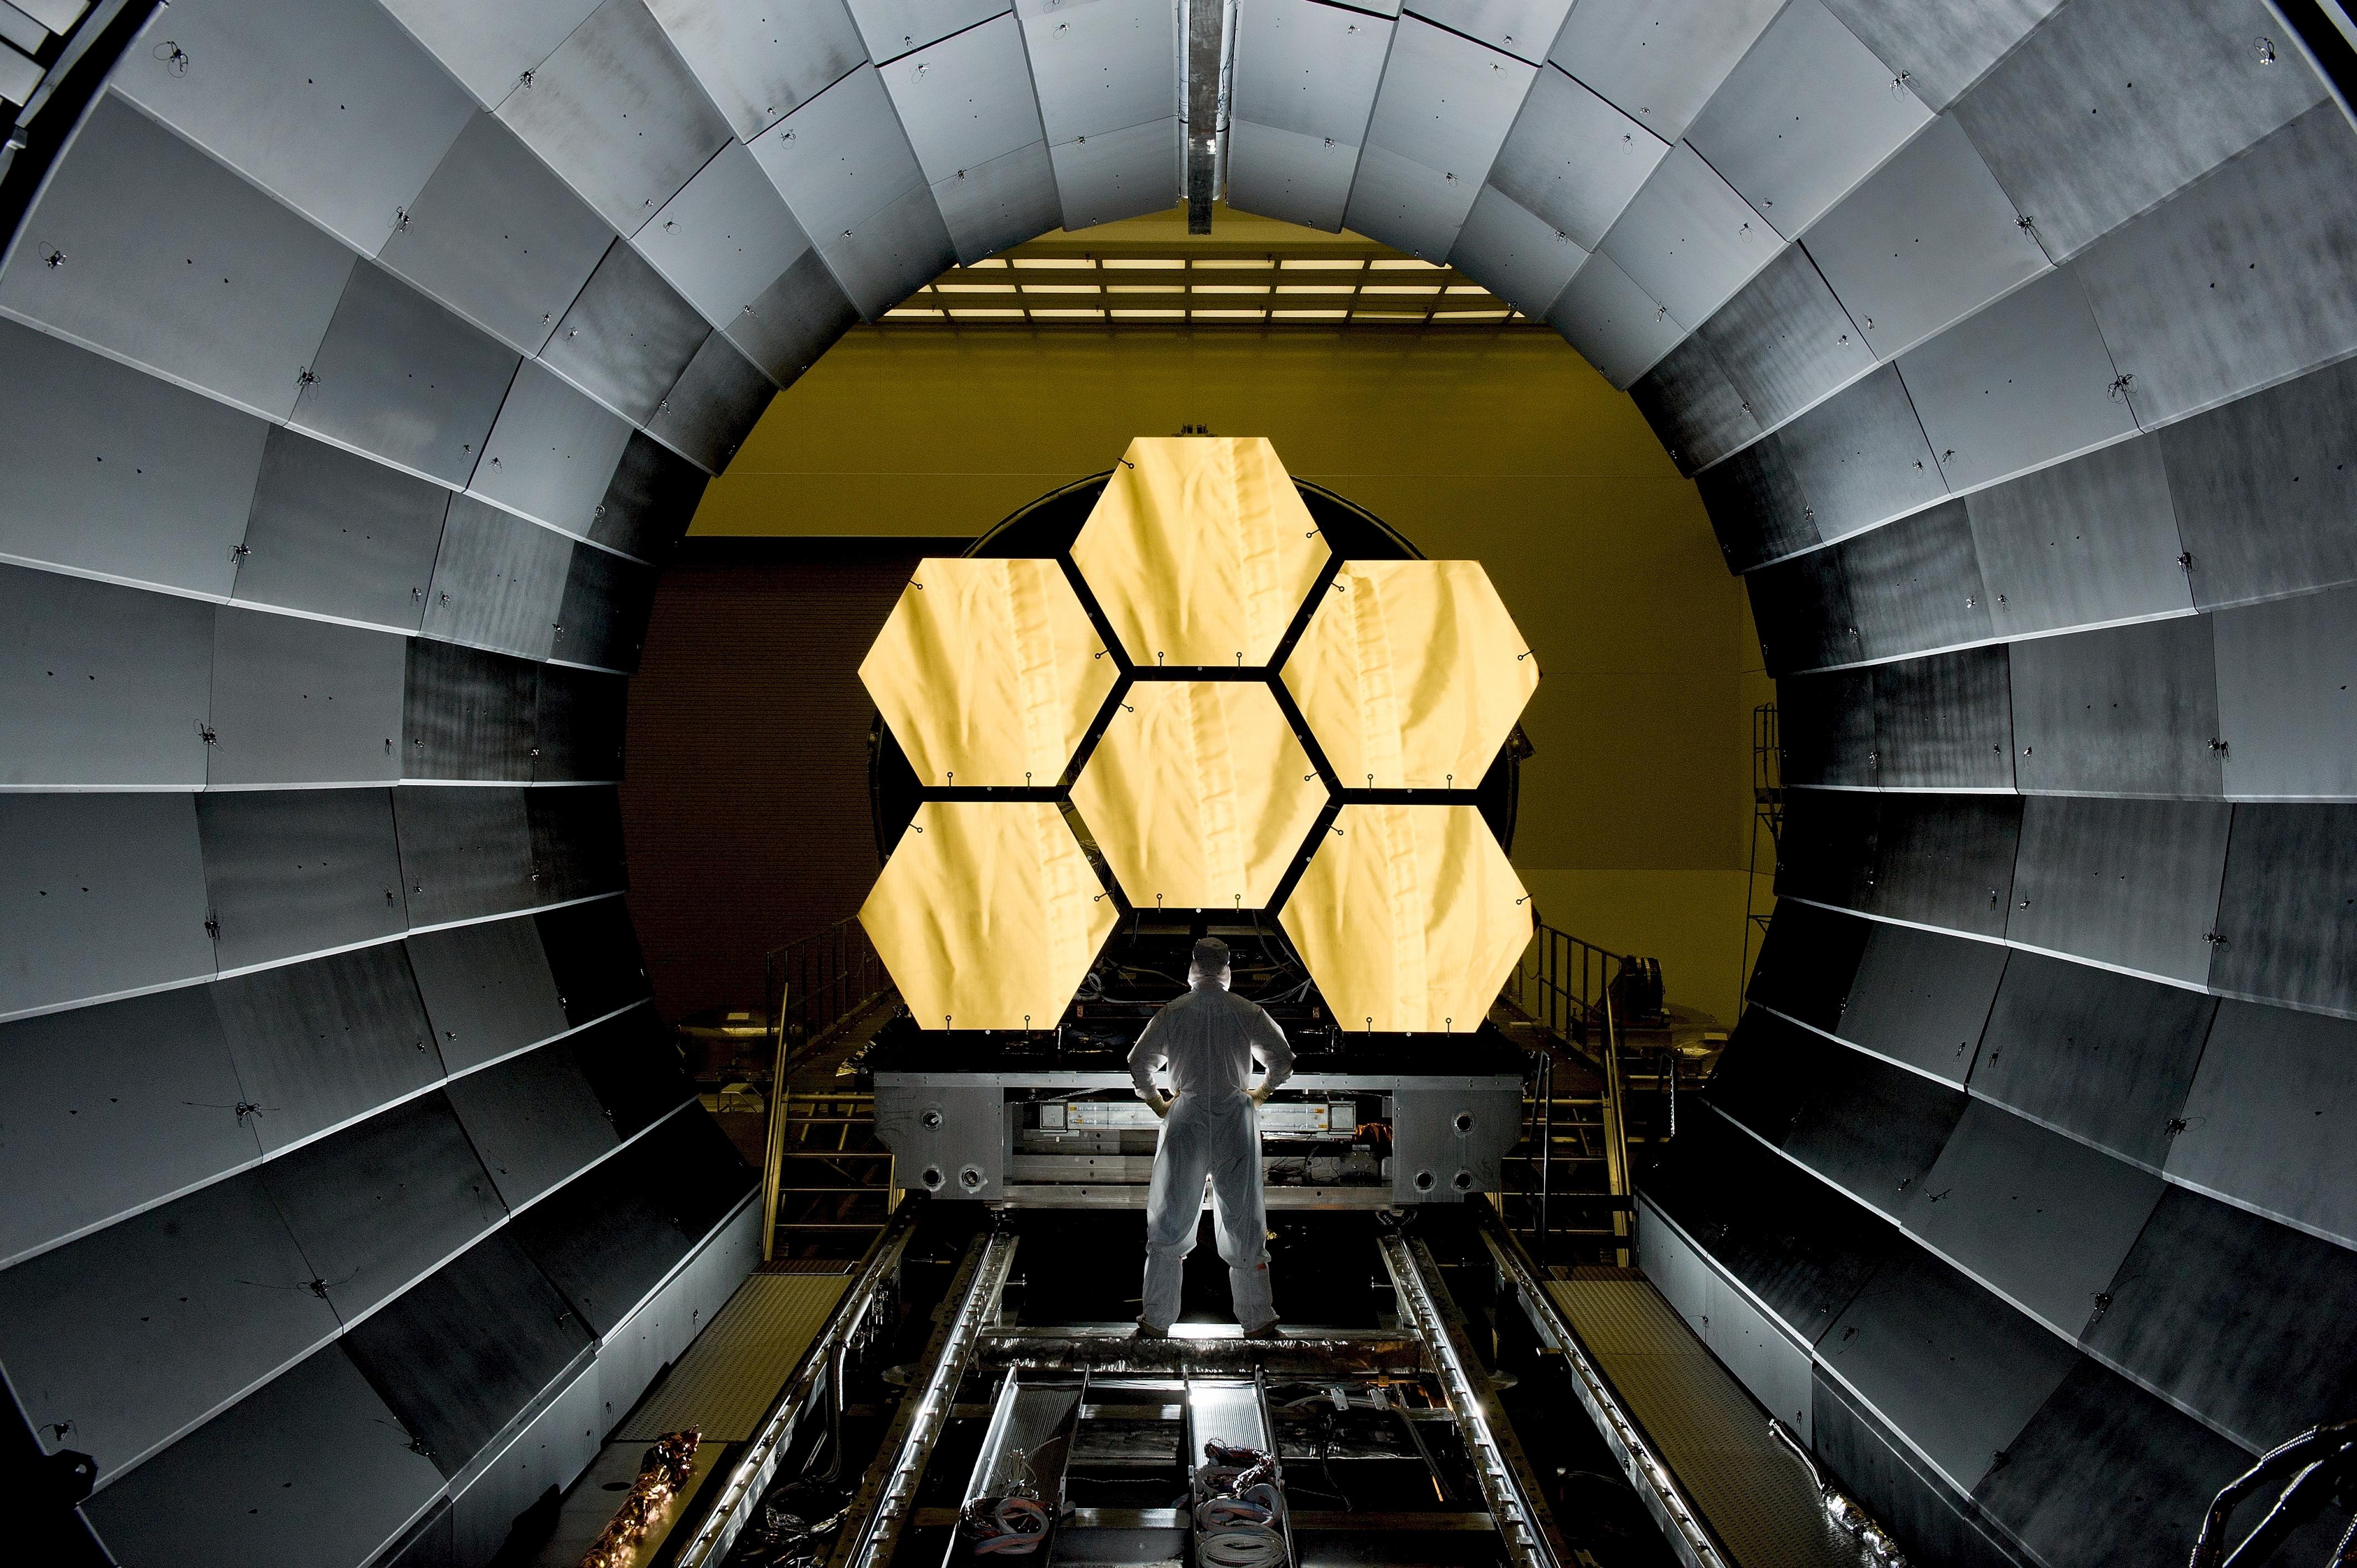 Fotoğraf mimari teknoloji evren teleskop boşluk oda